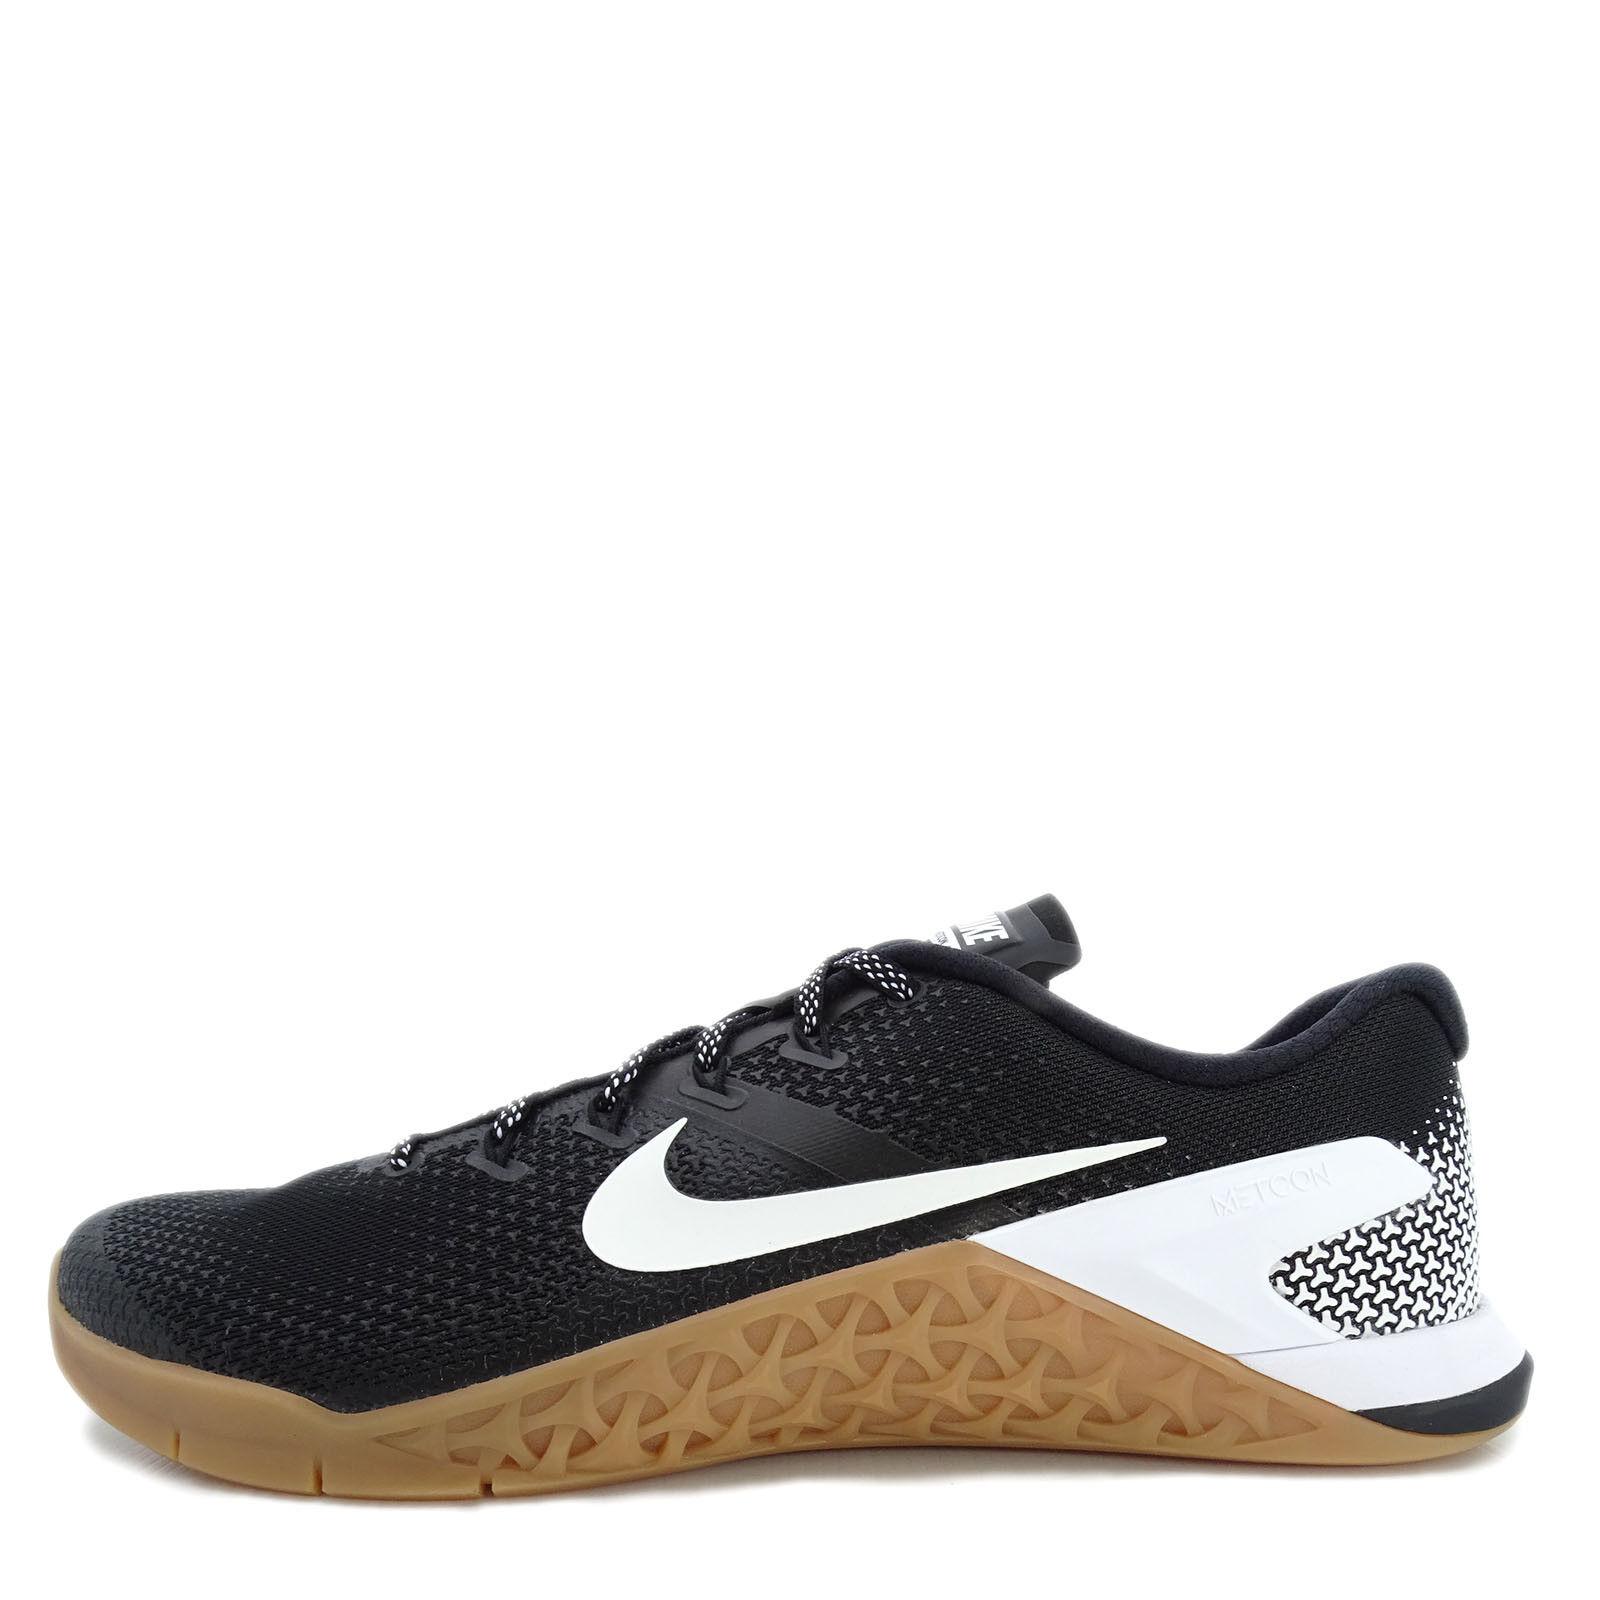 Nike Metcon 4 [AH7453-006] Men Training shoes Black White